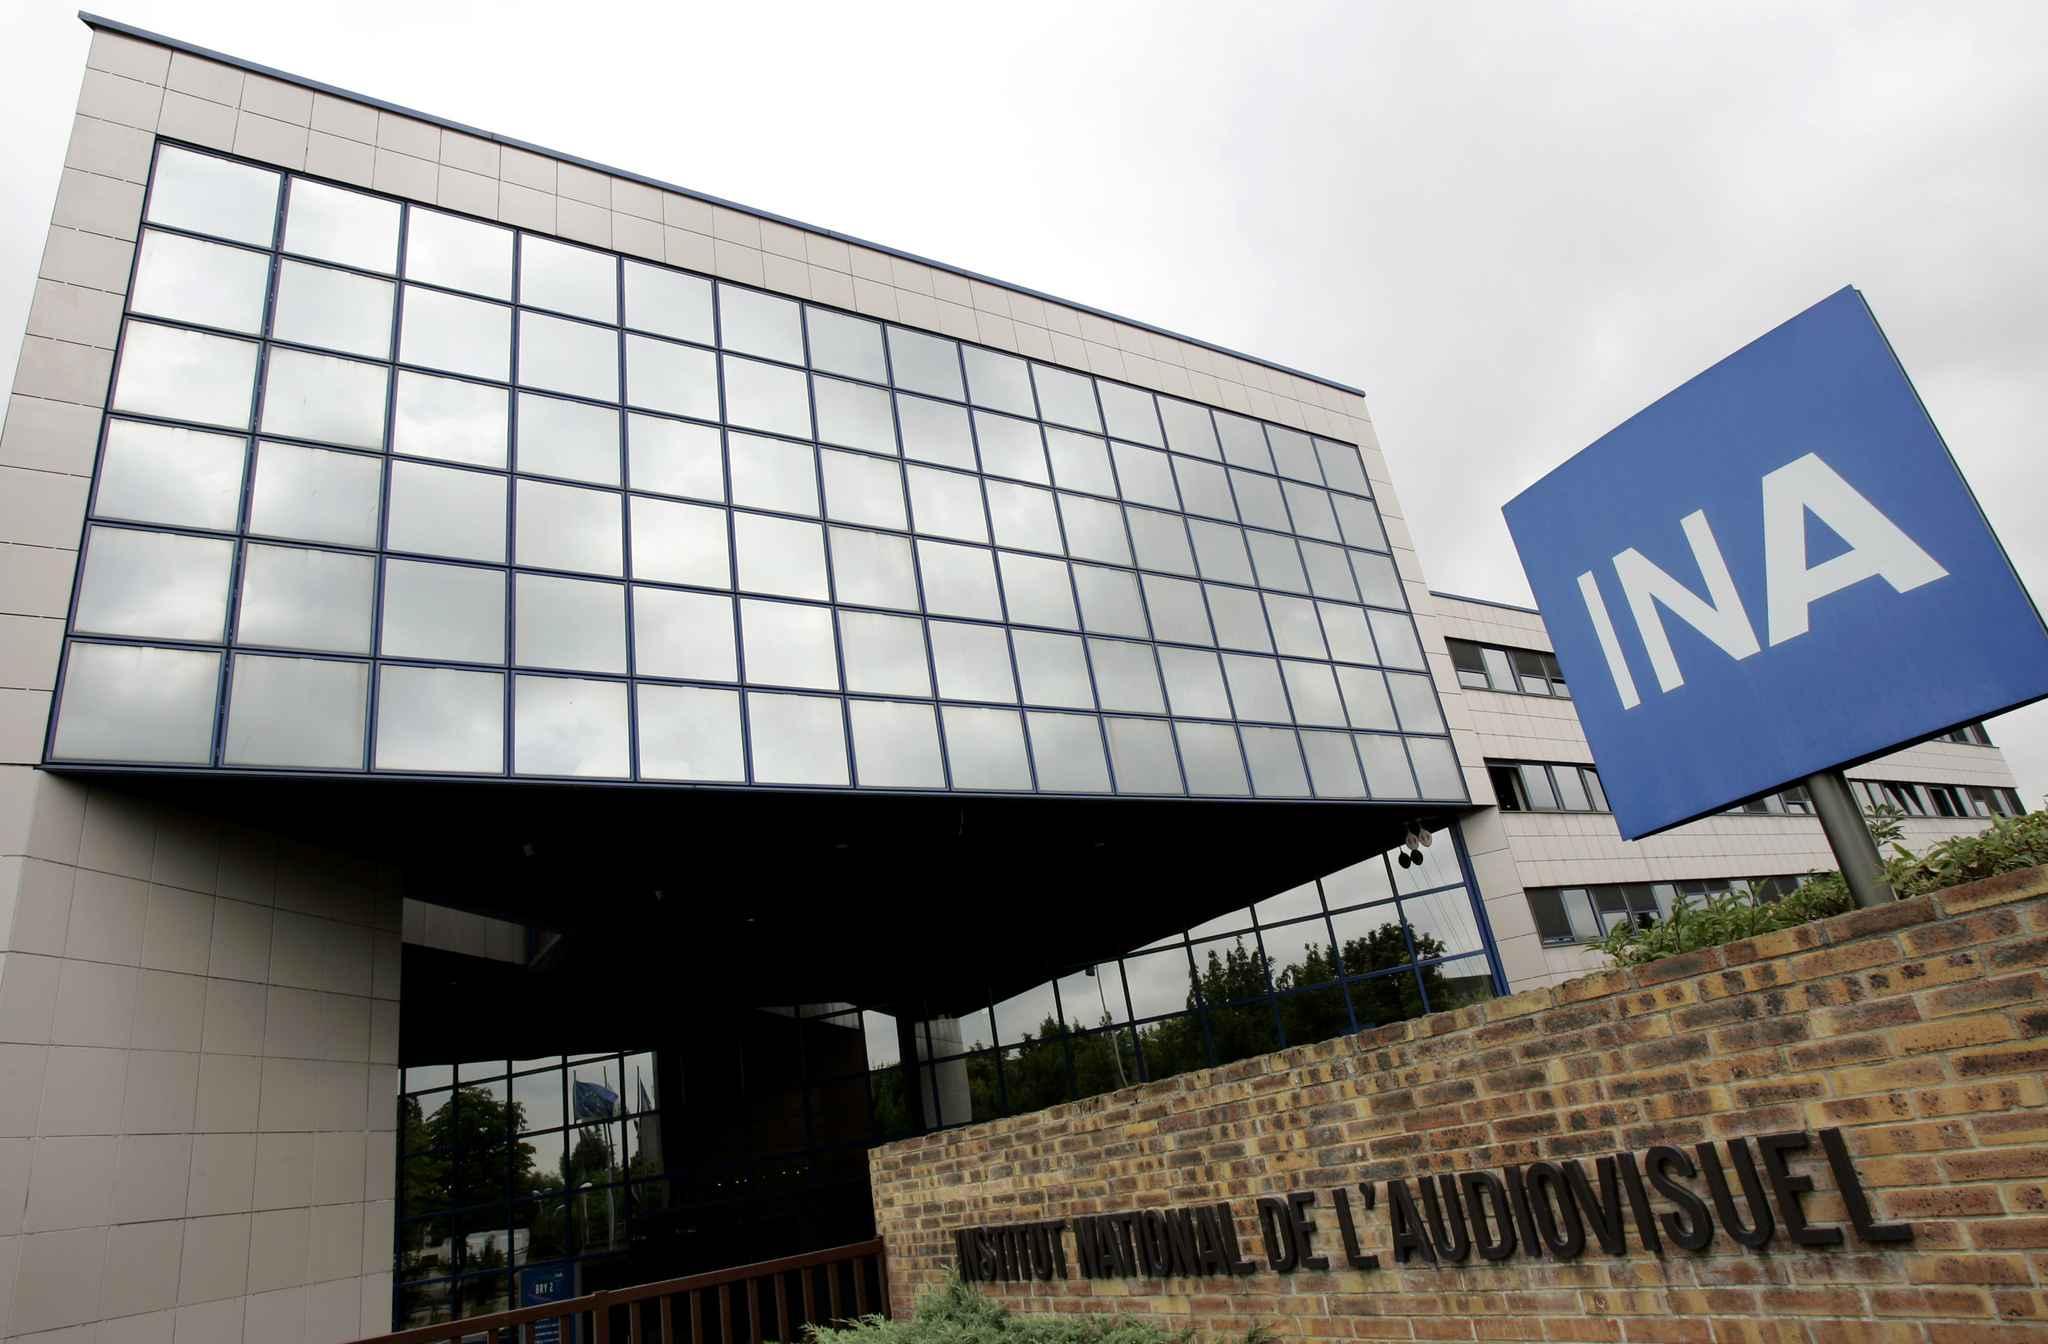 Le siège de l'INA à Bry-sur-Marne.